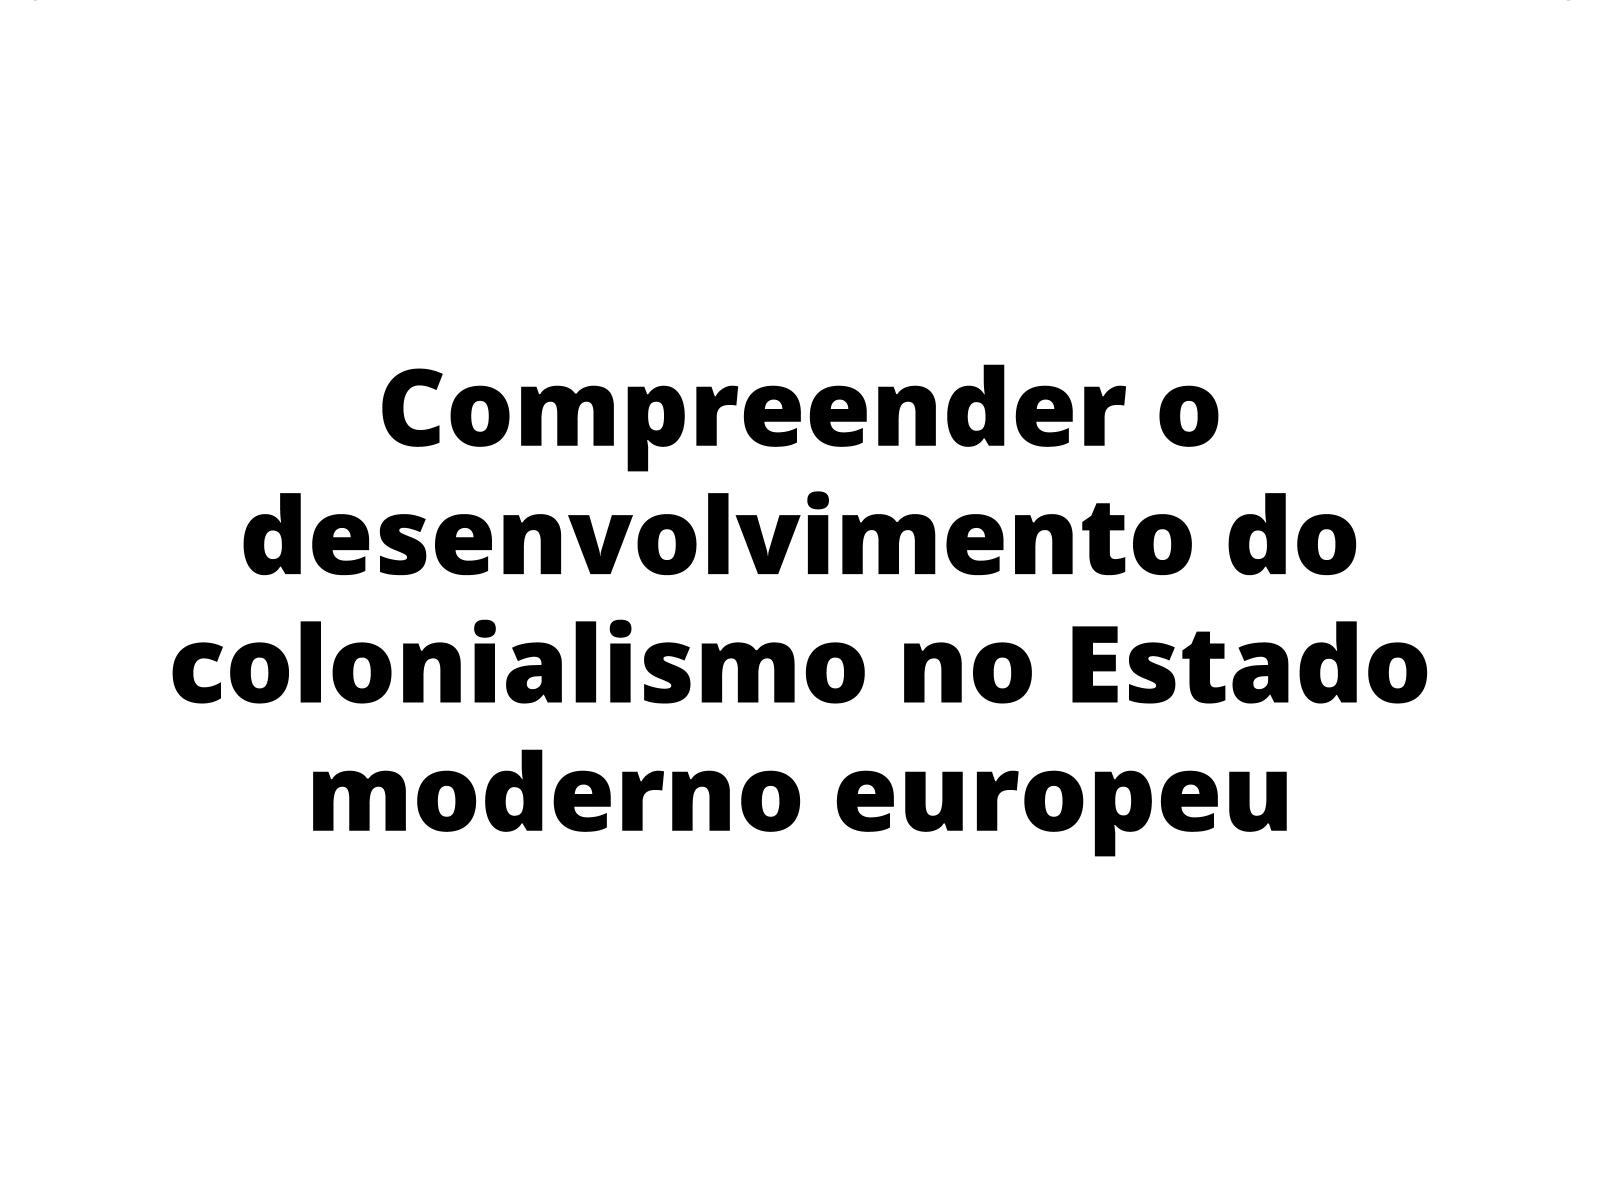 Os Estados modernos e  o colonialismo europeu